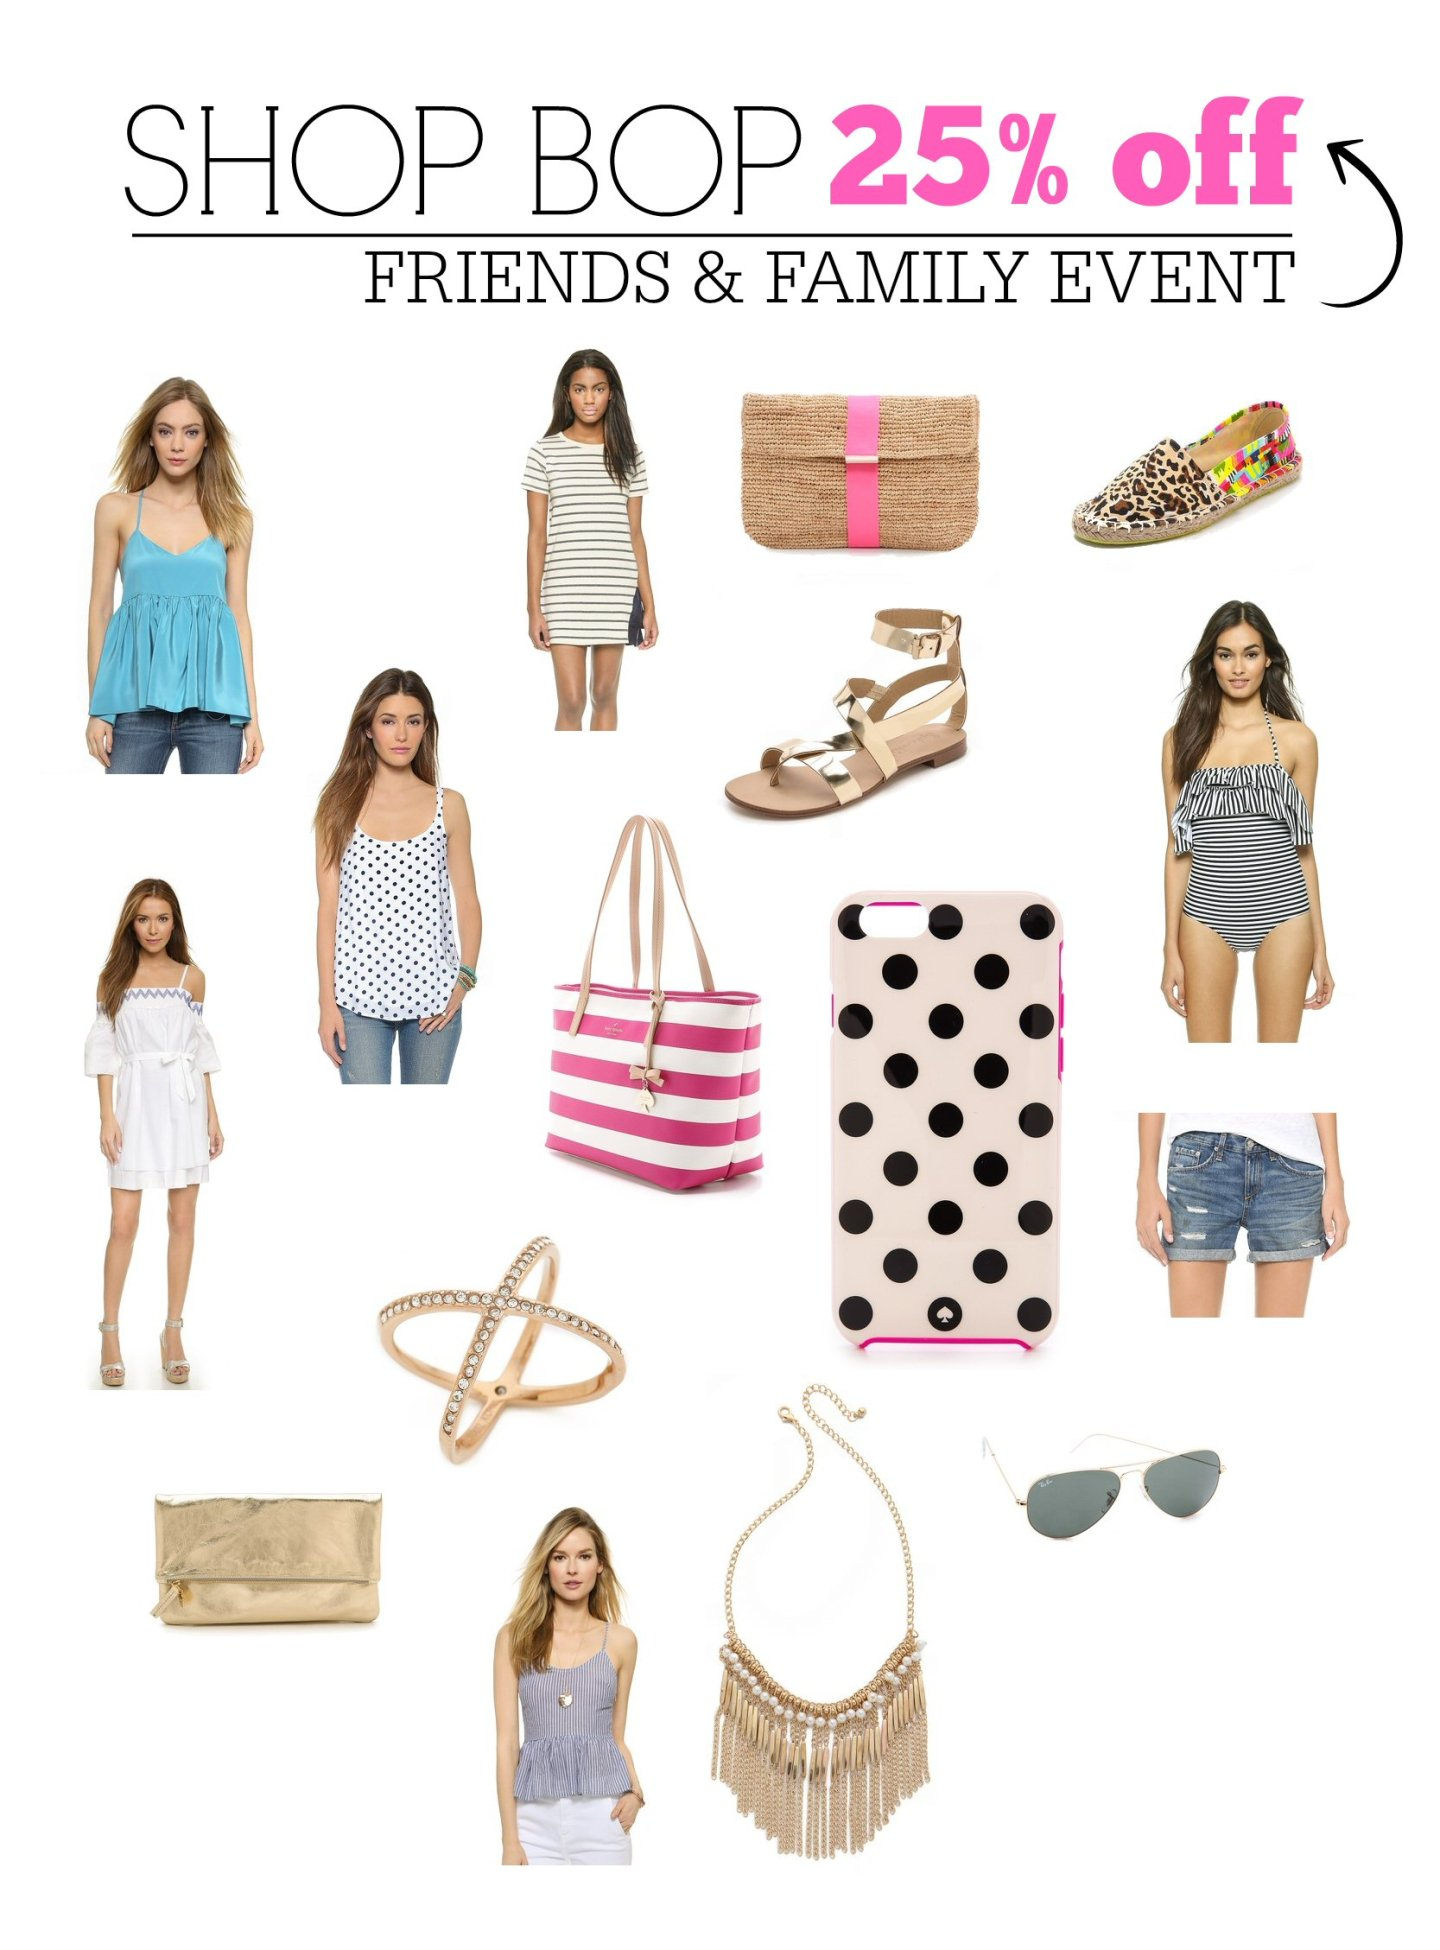 Shop Bop Friends & Family